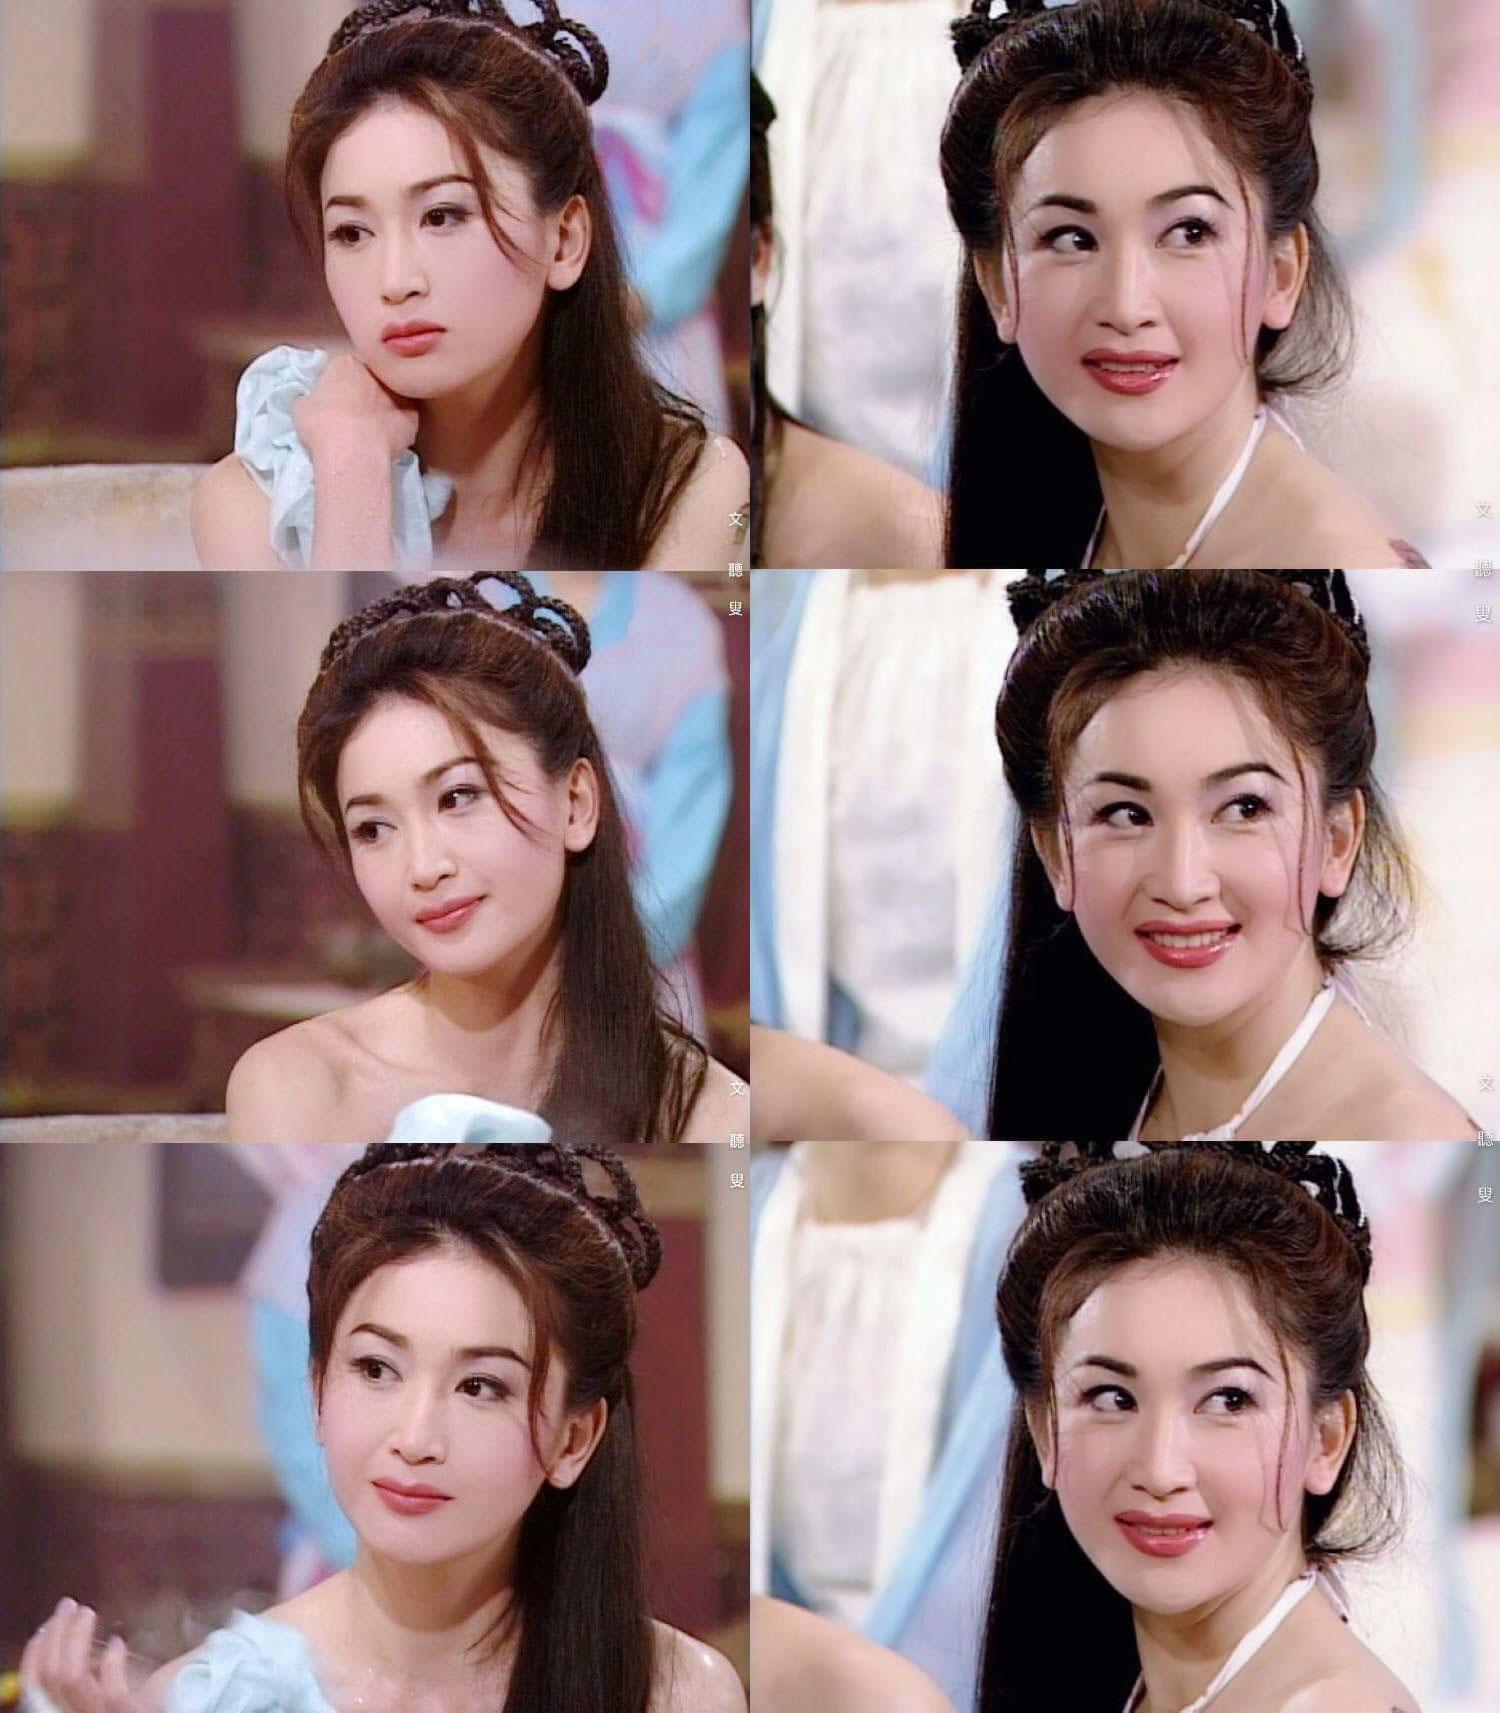 Chiêm ngưỡng nhan sắc thời trẻ của Ôn Bích Hà để thấy đẳng cấp của 'Đát Kỷ đẹp nhất màn ảnh Hoa ngữ' - 16